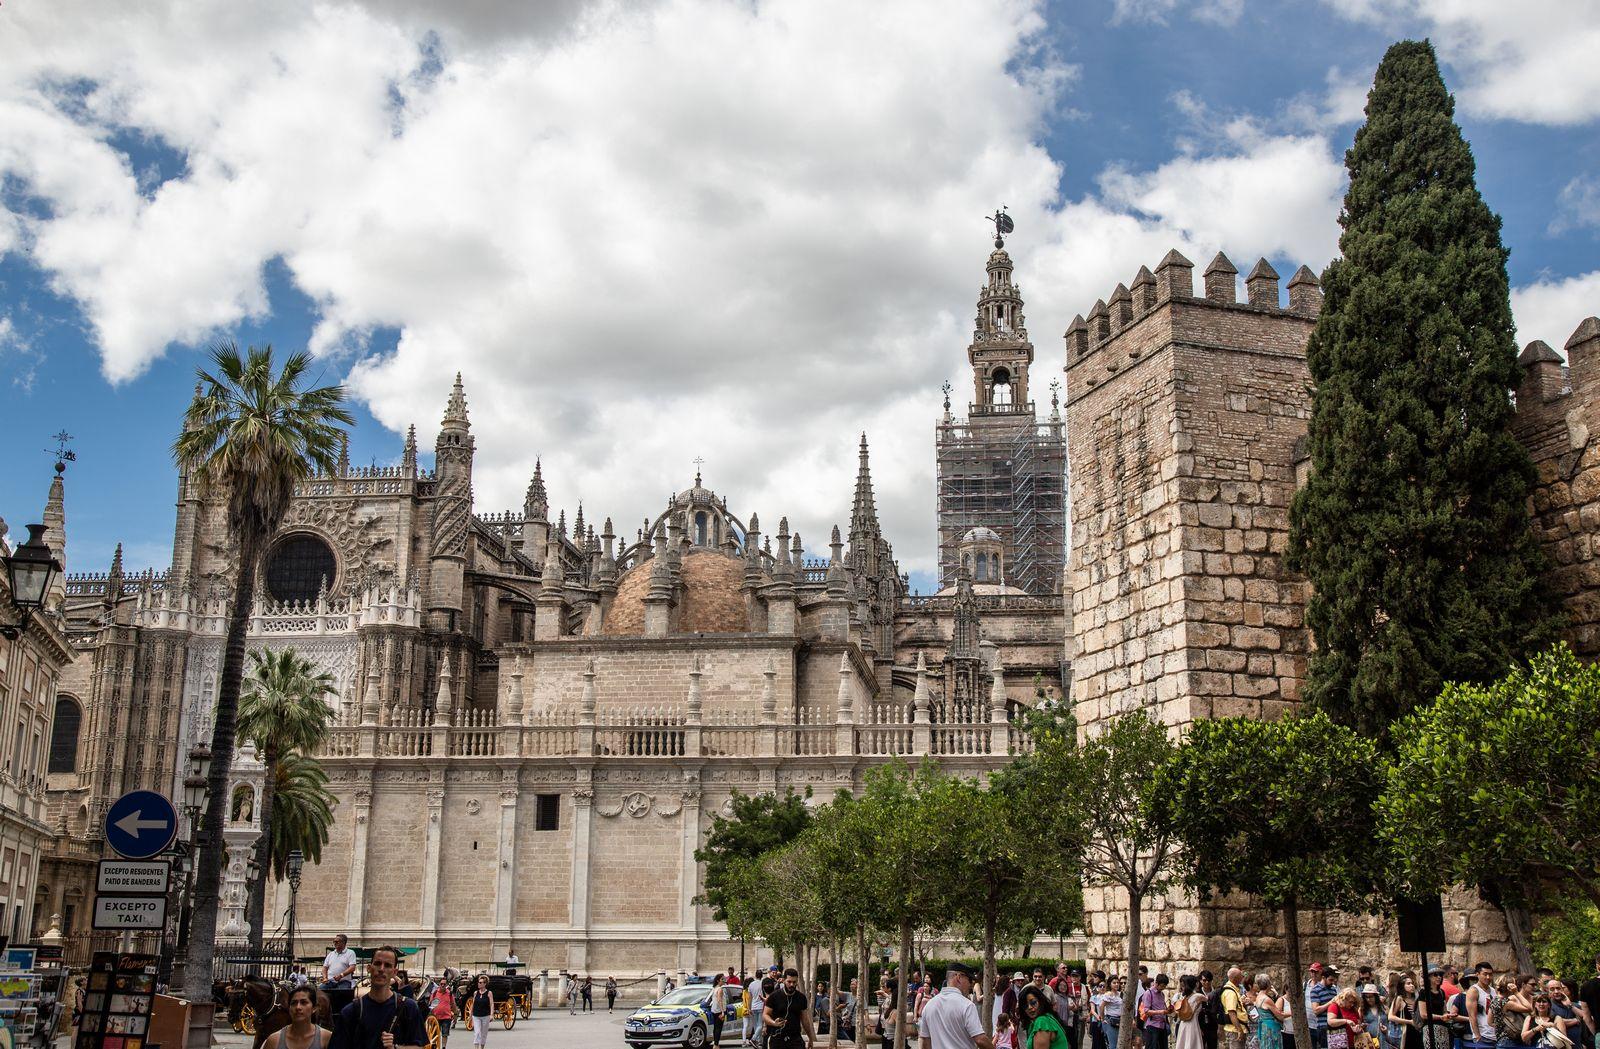 El lateral sur de la Catedral y la cola para entrar al Alcázar